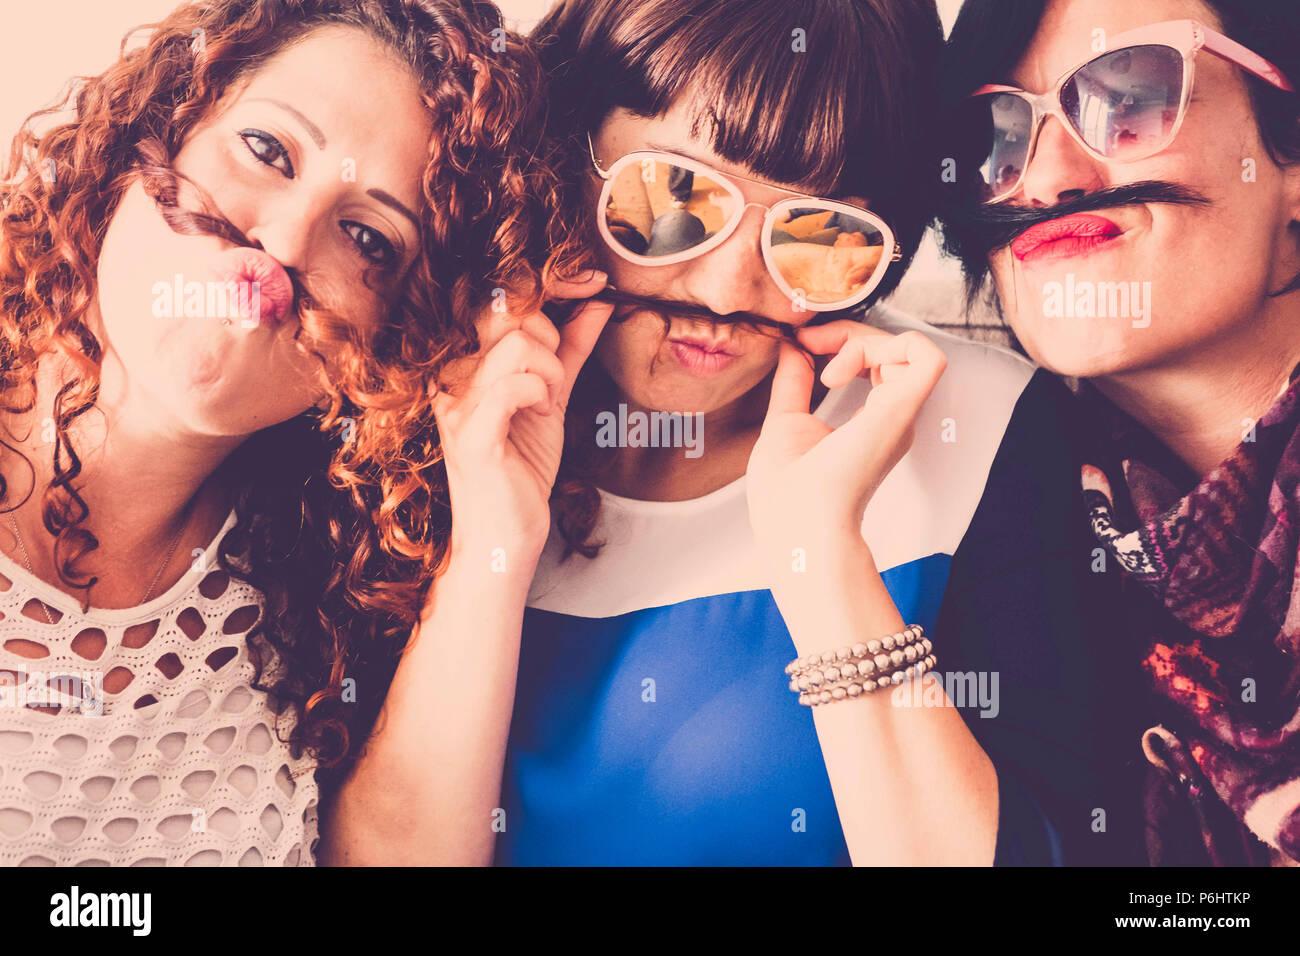 Tres mujeres caucásicas amigos permanecer juntos en la amistad y la locura con pelo como bigote y felicidad relación concepto. vintage pleno c Imagen De Stock